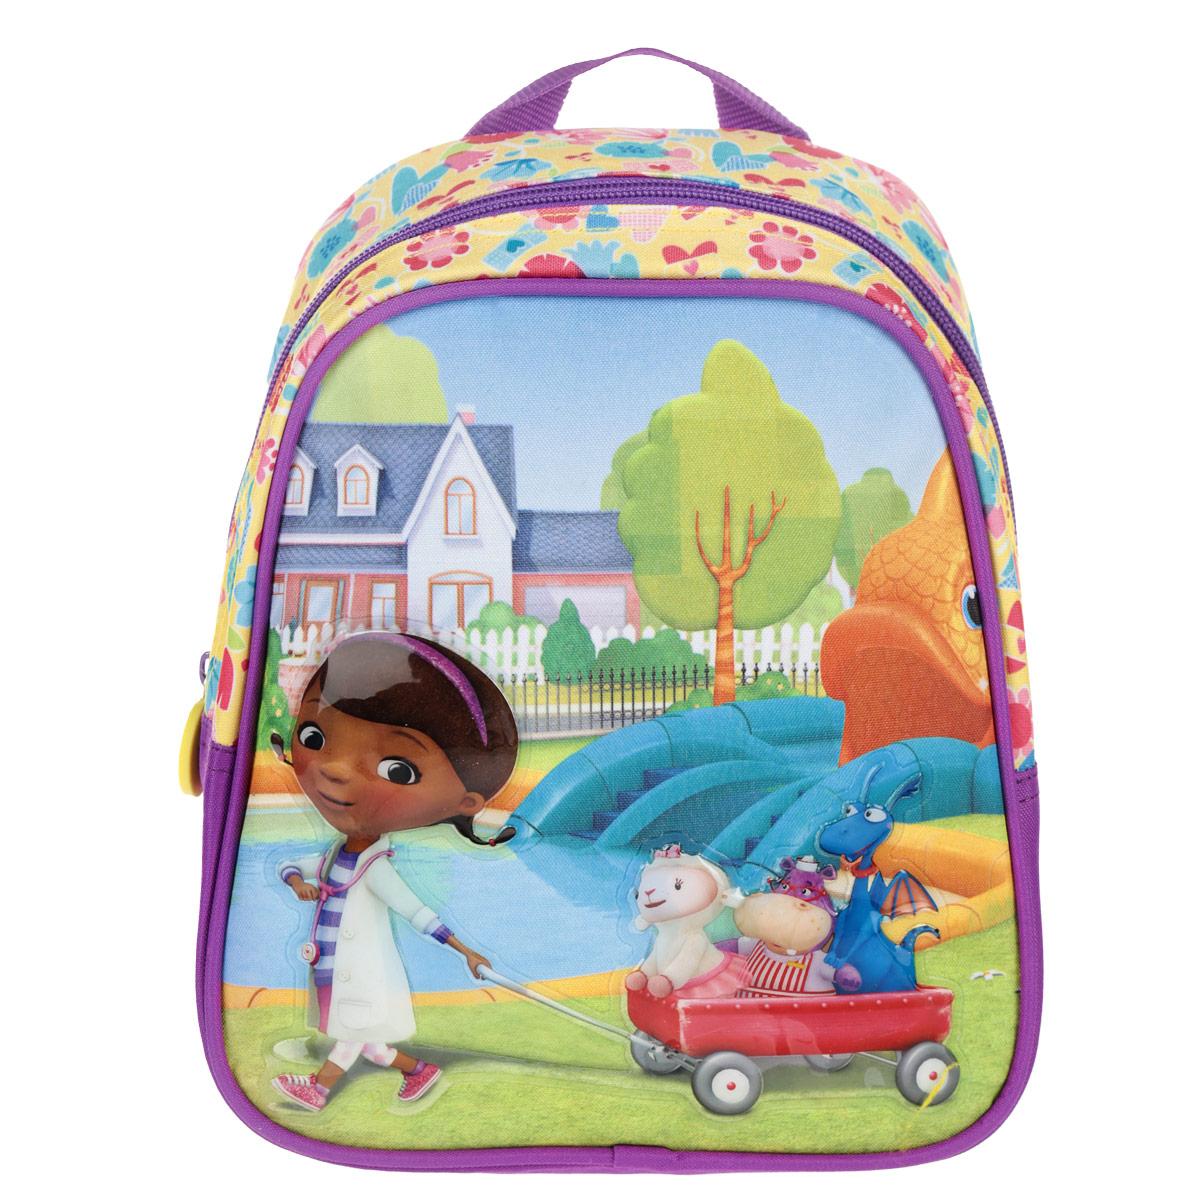 Рюкзак-мини Disney Доктор Плюшева, цвет: фиолетовый. 2494324943Рюкзачок Доктор Плюшева непременно порадует маленькую модницу. В его отделение на молнии легко поместятся игрушки, бутылочка для воды и дрвугие предметы, которые пригодятся на прогулке, в гостях или в детском садике. Лямки рюкзака легко регулируются по длине, поэтому аксессуар подойдет деткам разного роста. Изделие изготовлено из износоустойчивой ткани с водонепроницаемой основой, поэтому имеет долгий срок службы и надежно защищает вещи от намокания. Рюкзачок украшен привлекательным принтом с изображением героев мультфильма Доктор Плюшева. Рюкзак имеет одно внутреннее отделение на молнии, один внешний карман на молнии и два внешних кармана-сетки.